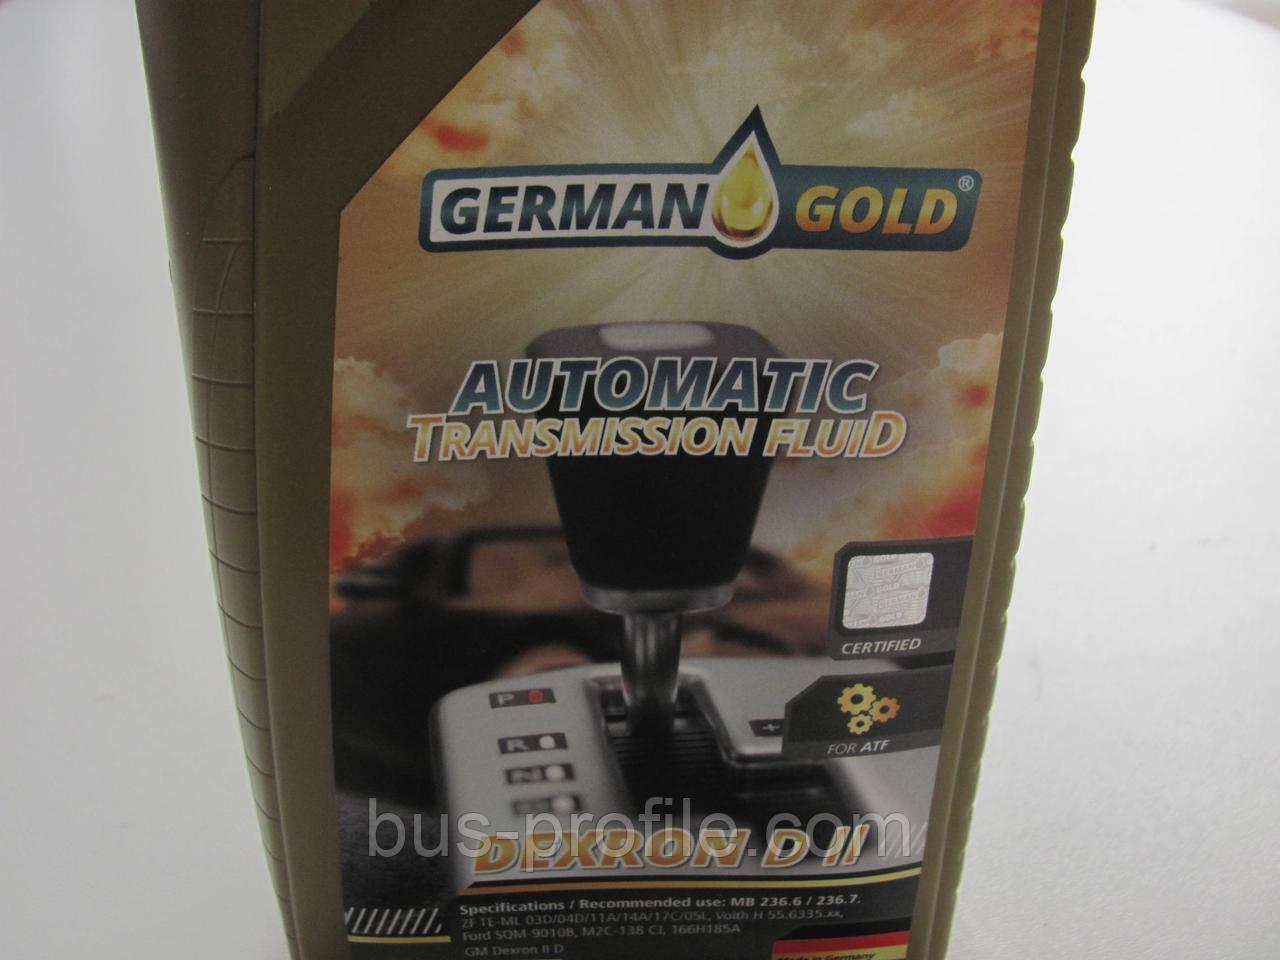 Масло ATF Dexron D II (1L) (Allison C3/C4/MB 236.6 236.7/Ford SQM-9010B/M2C-138 CJ) — GERMAN GOLD — 501012000